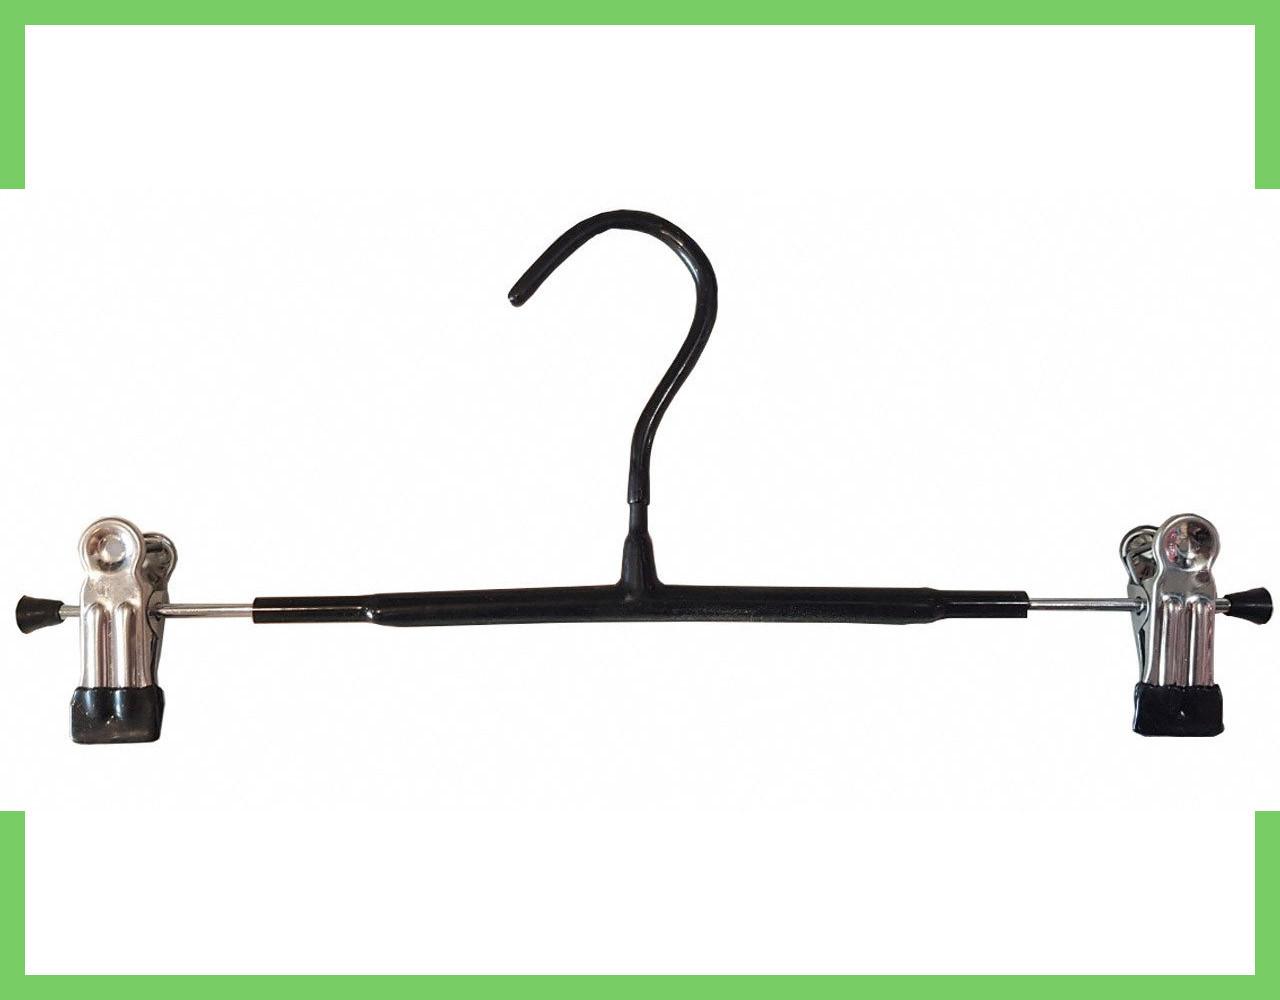 Тремпель для брюк в силиконе 35 см (хром+черный силикон)